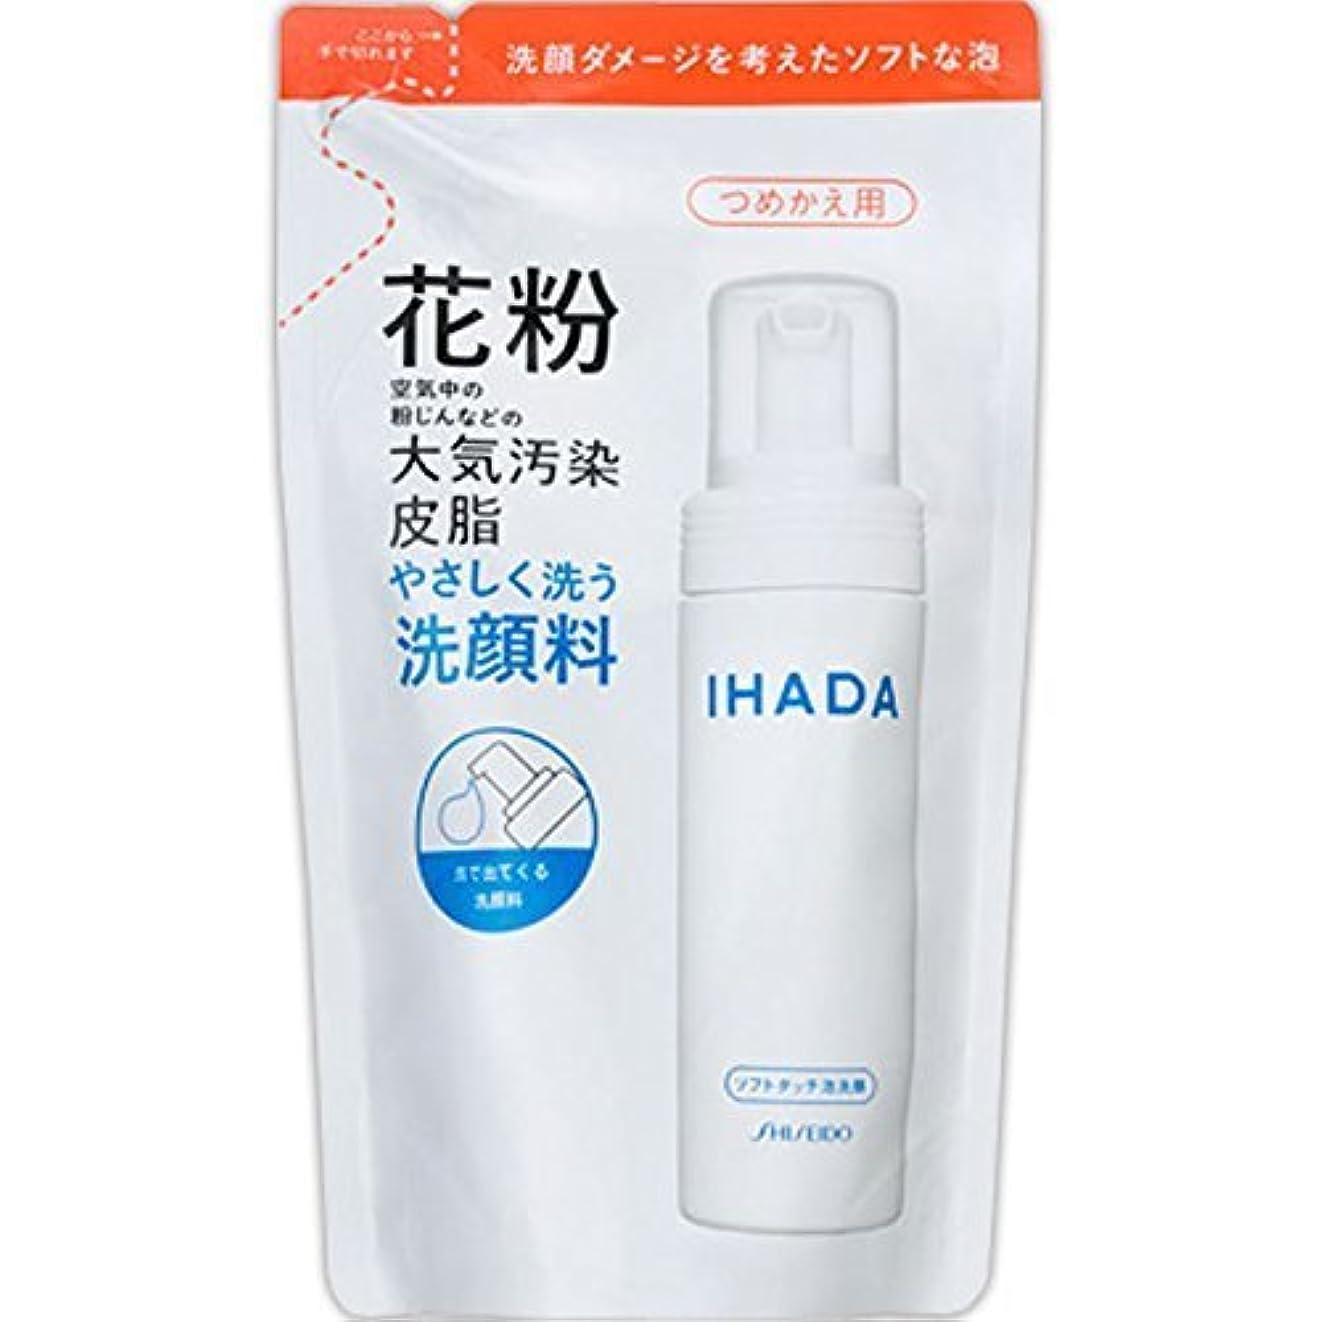 風邪をひく芸術論理的にイハダ ソフトタッチ 洗顔料 つめかえ用 100ml